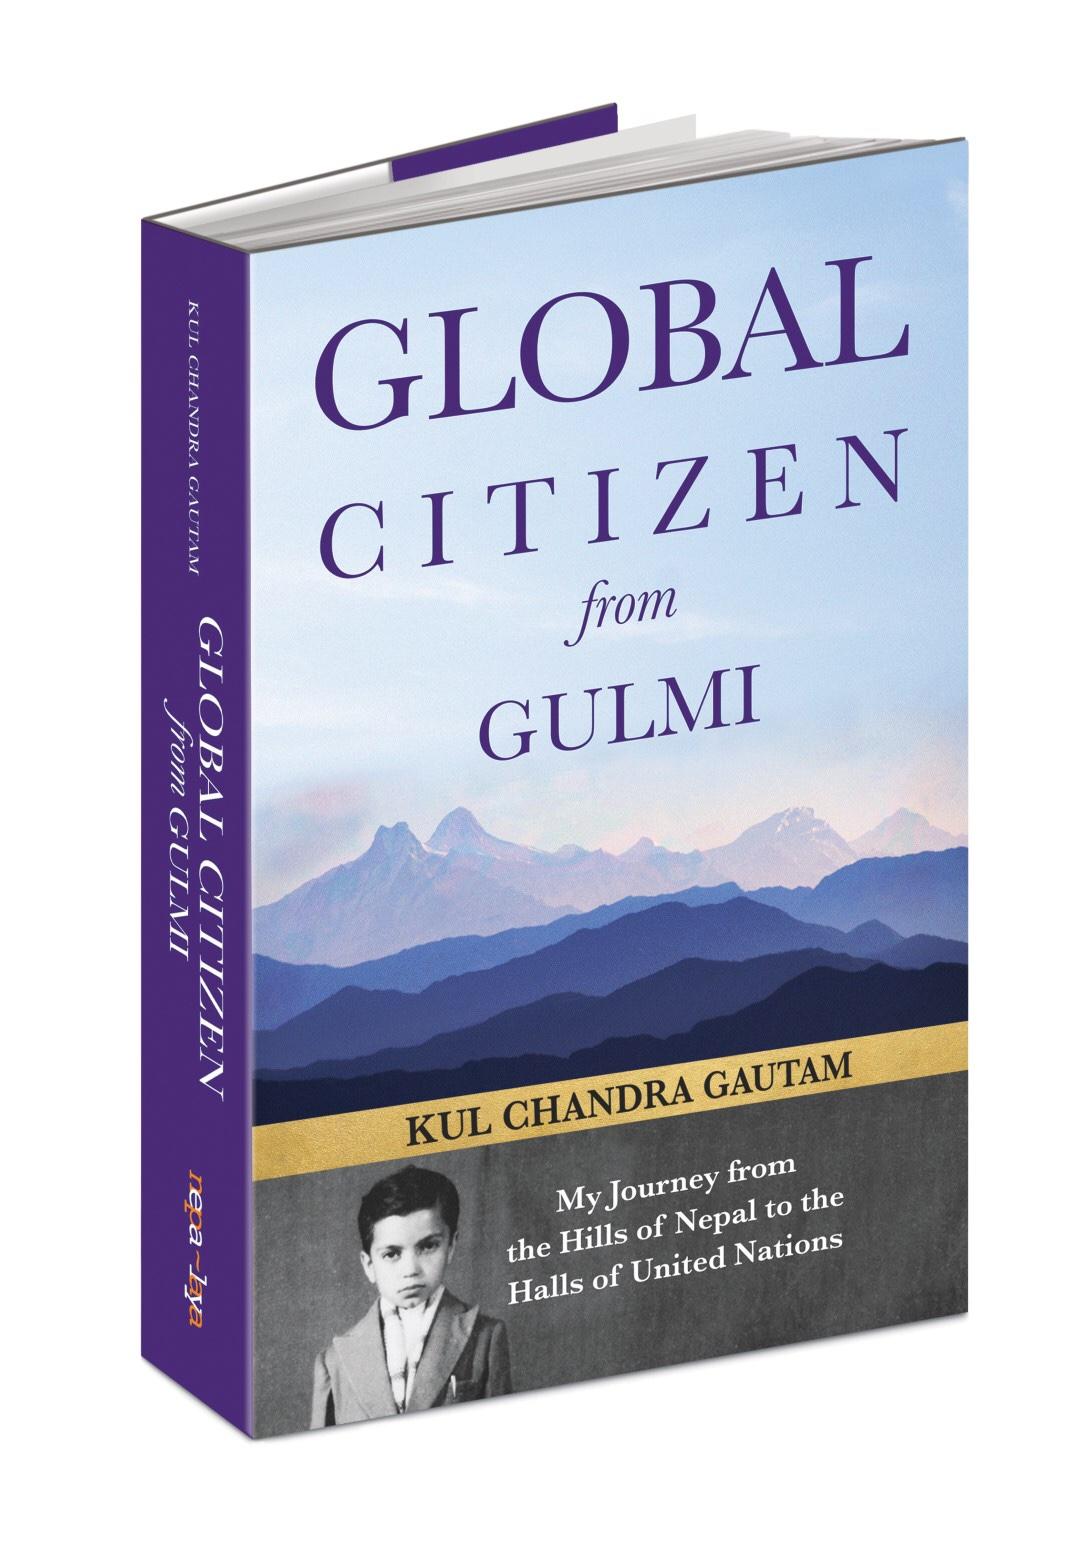 अमेरिकी विश्वविद्यालयमा कुलचन्द्र गौतमको पुस्तक